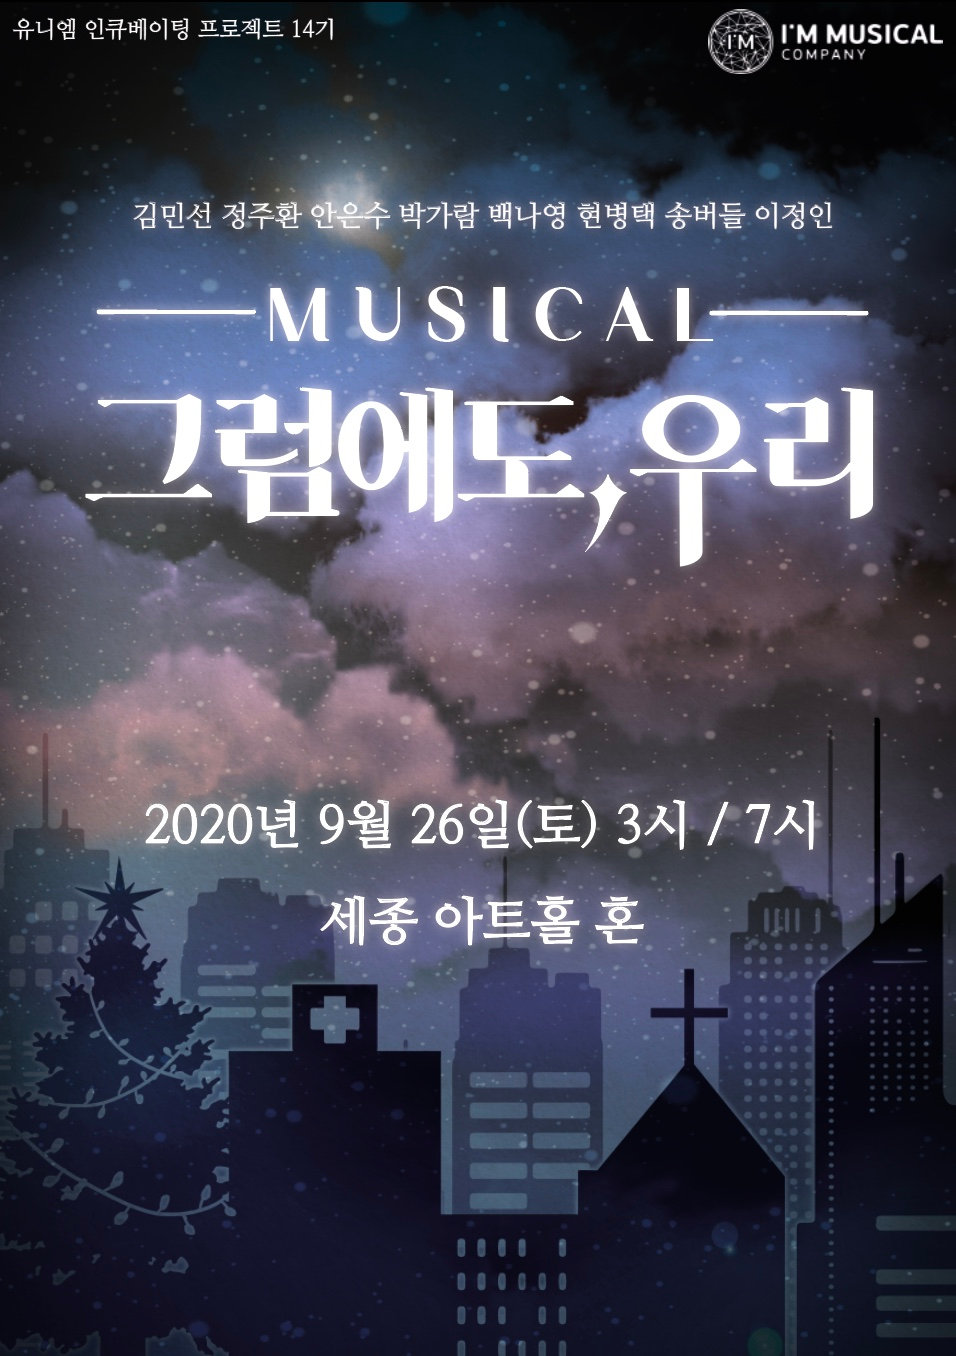 유니엠 프로젝트 14기 공연 예매